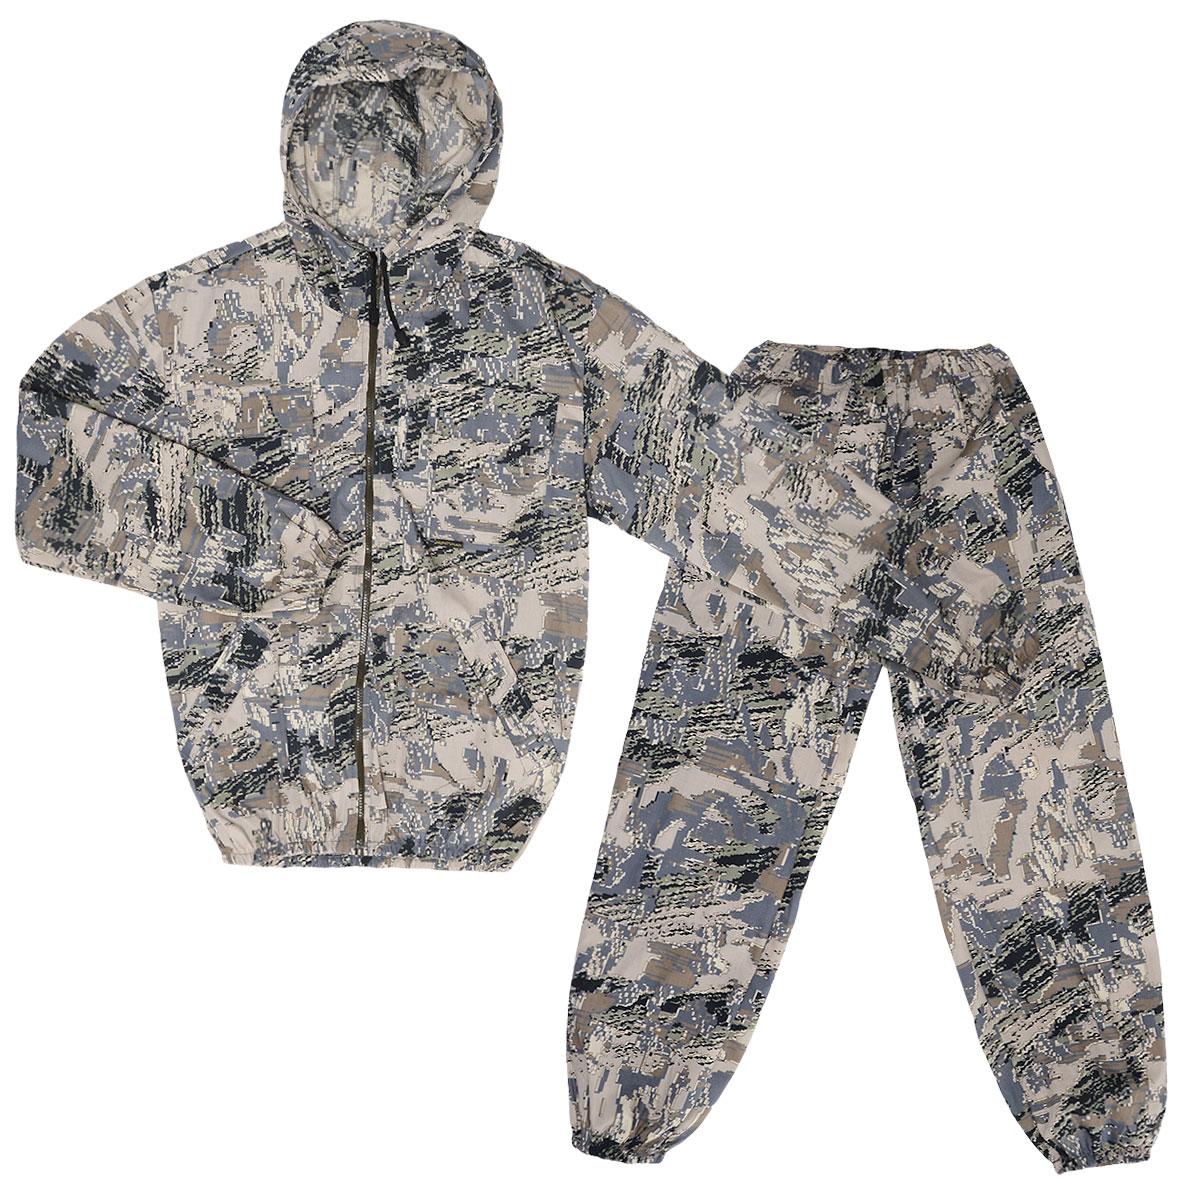 Костюм маскировочный мужской Стрелок, цвет: серый, коричневый. VST-L. Размер 44-46VST-LОтличный легкий летний костюм, аналог Снайпера, используется весной и летом-жаркую погоду, для любого отдыха на природе, в том числе активного, от +12 до 25 град. С. Прочная ткань с хлопком, дышит в жару, полиэстер дает прочность. Особенности модели: - куртка на молнии с капюшоном;- низ куртки и рукава на резинке; - два накладных кармана-с клапанами на груди, застегиваются на липучку, два боковых- прорезных с листочками;- на левом рукаве накладной карман с клапаном, застегивается на липучку; - брюки широкие по низу и талии стягиваются резинкой; - функциональные объемные карманы выше колена; - маскировочные цвета, легкая, прочная, дышащая ткань.